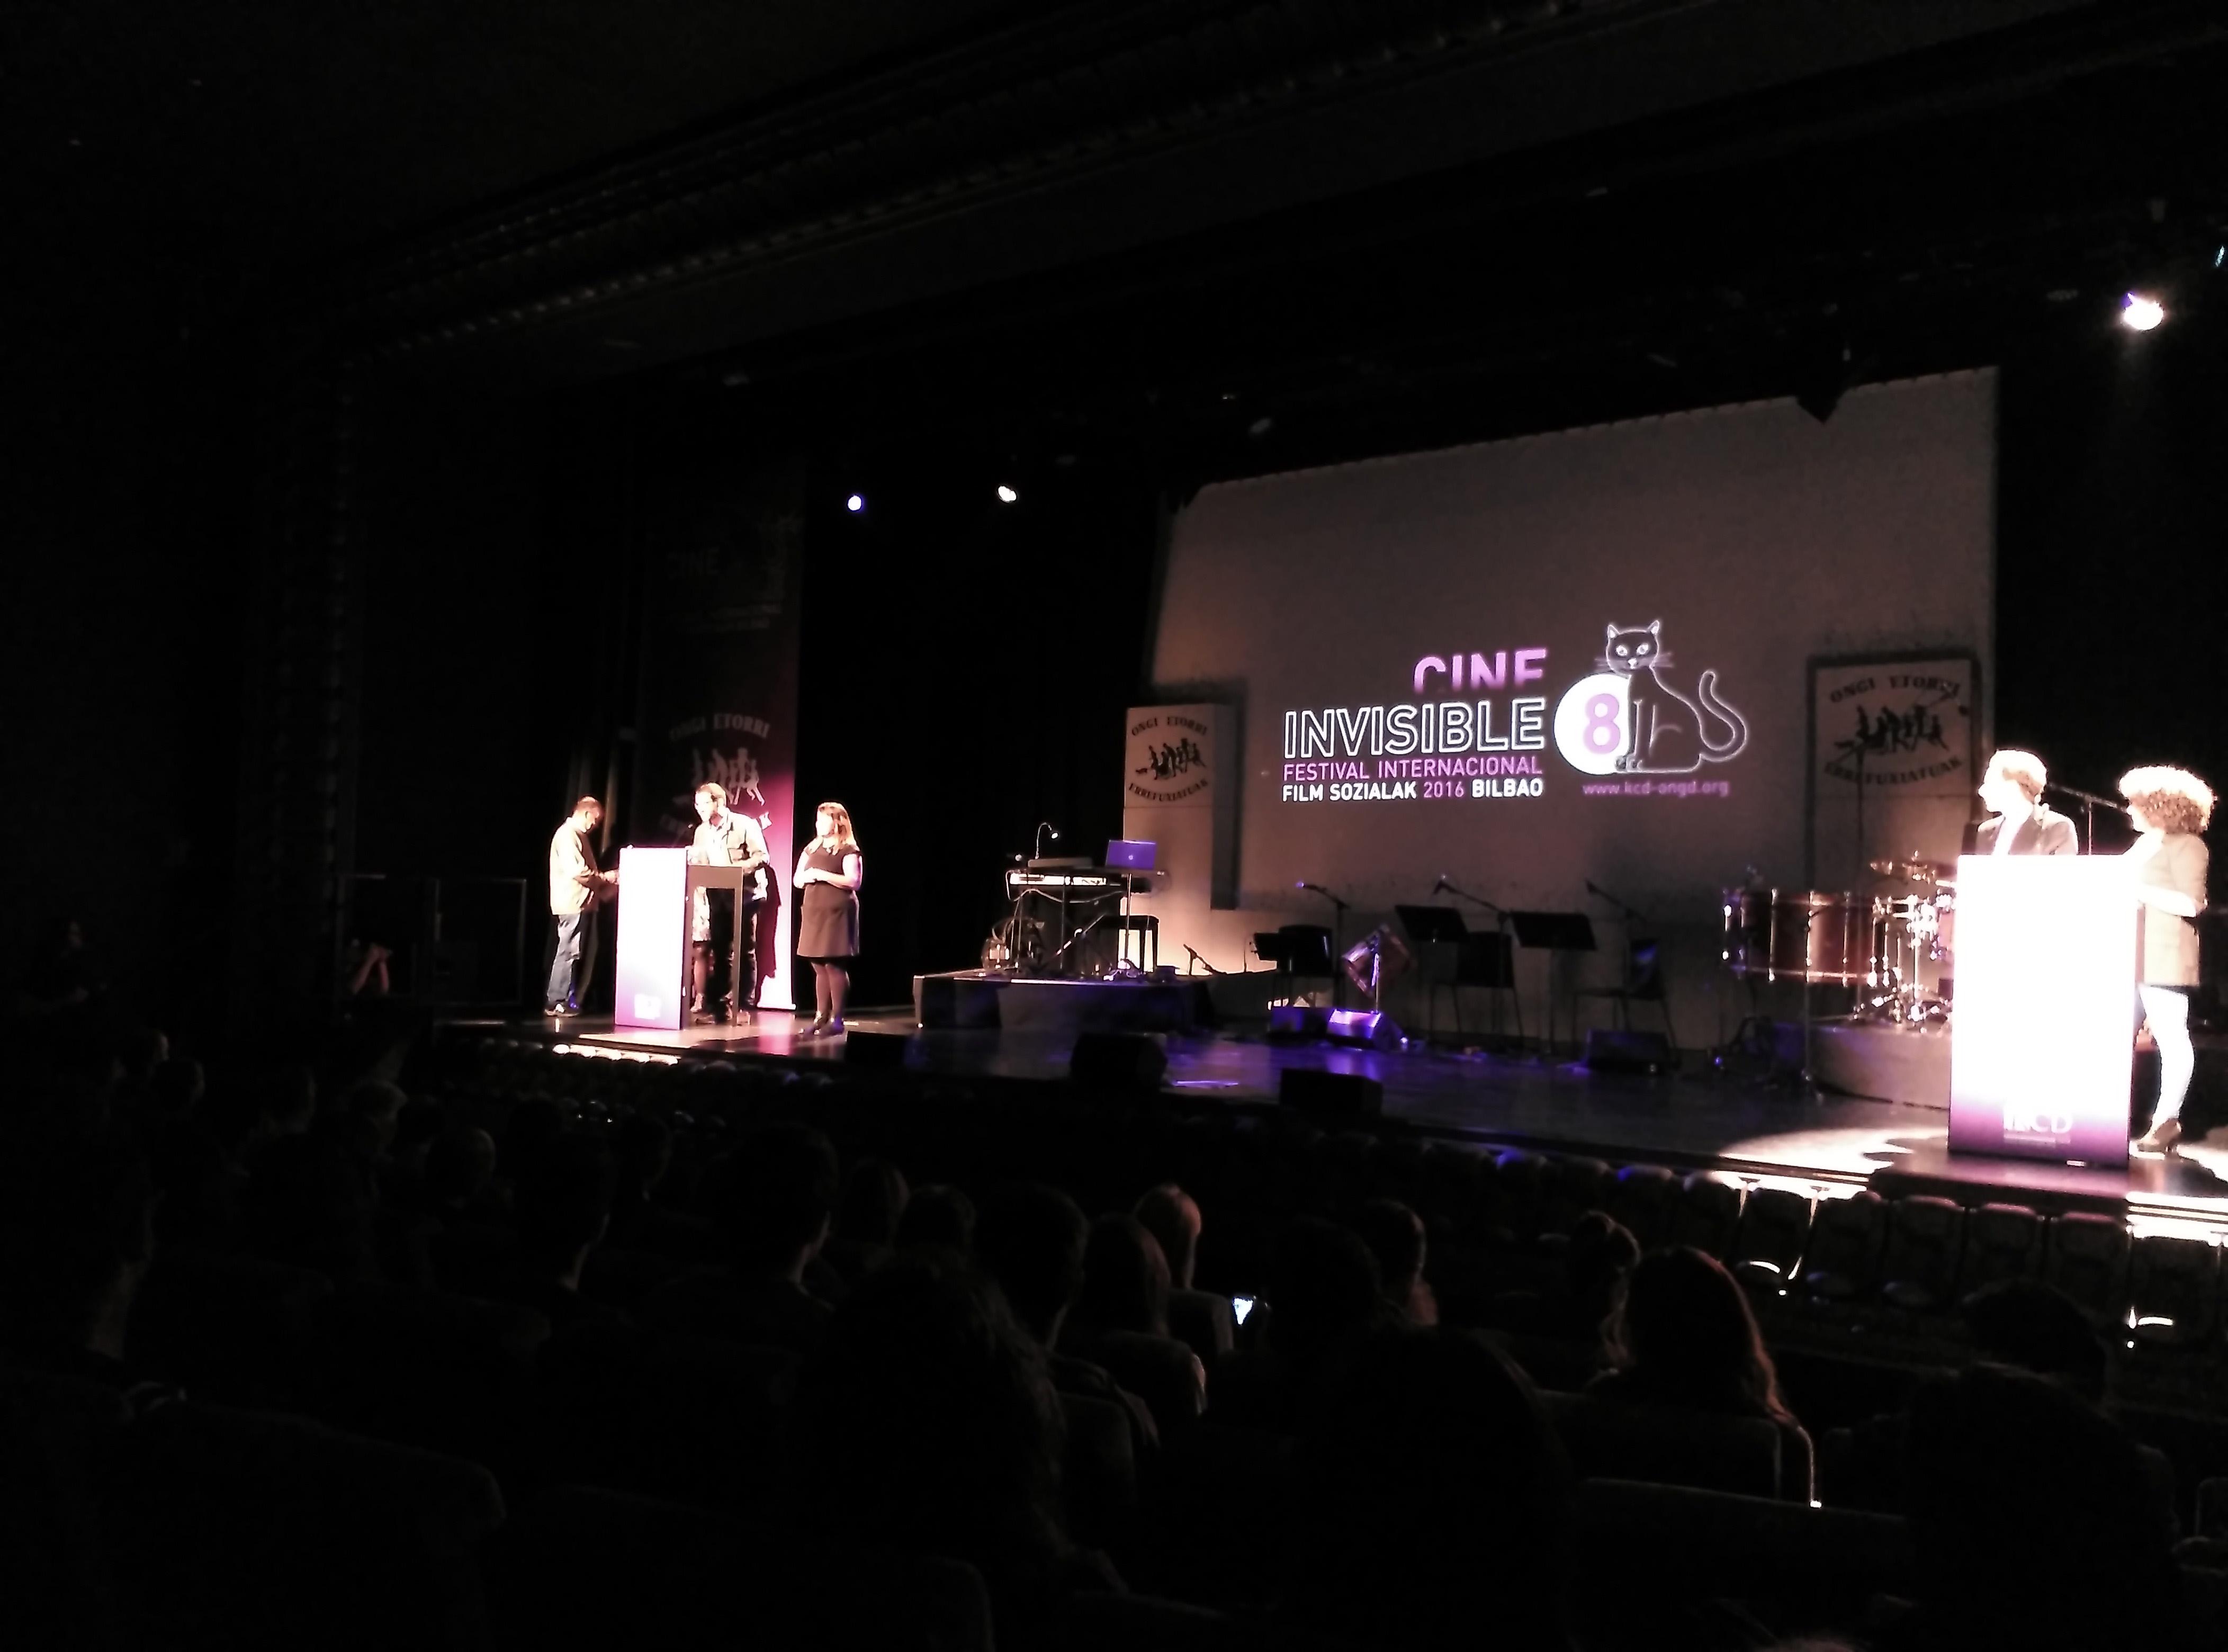 unai-aranzadi-premio-festival-internacional-cine-invisible